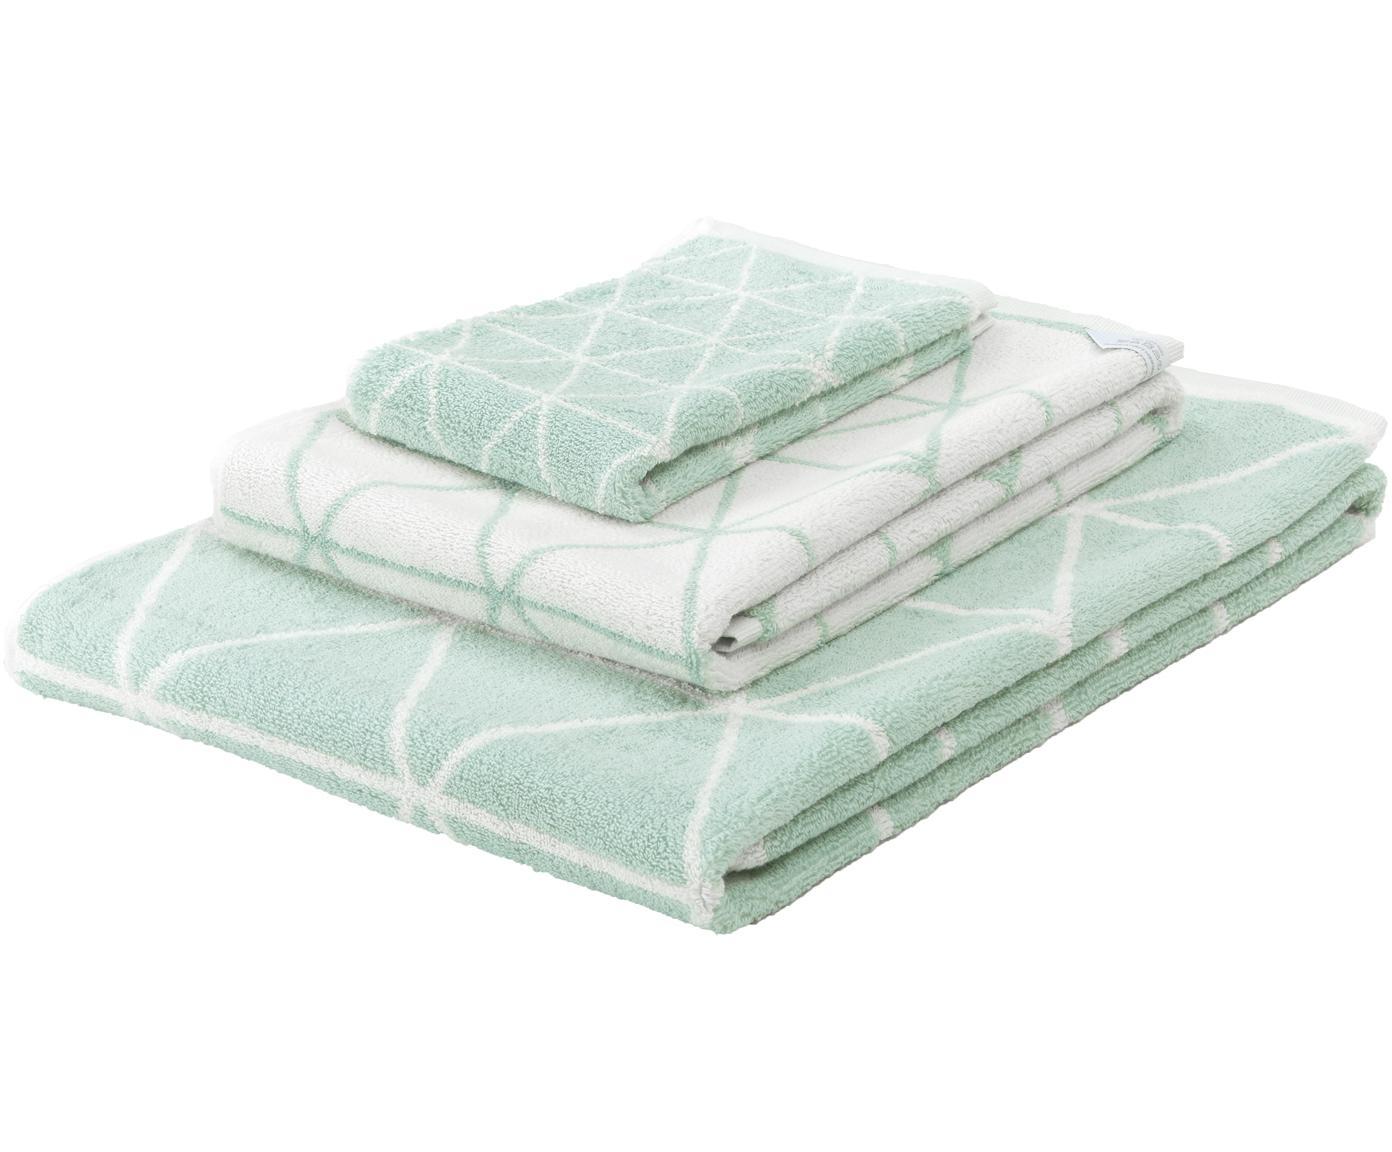 Komplet dwustronnych ręczników Elina, 3 elem., 100% bawełna Średnia gramatura 550 g/m², Zielony miętowy, kremowobiały, Różne rozmiary